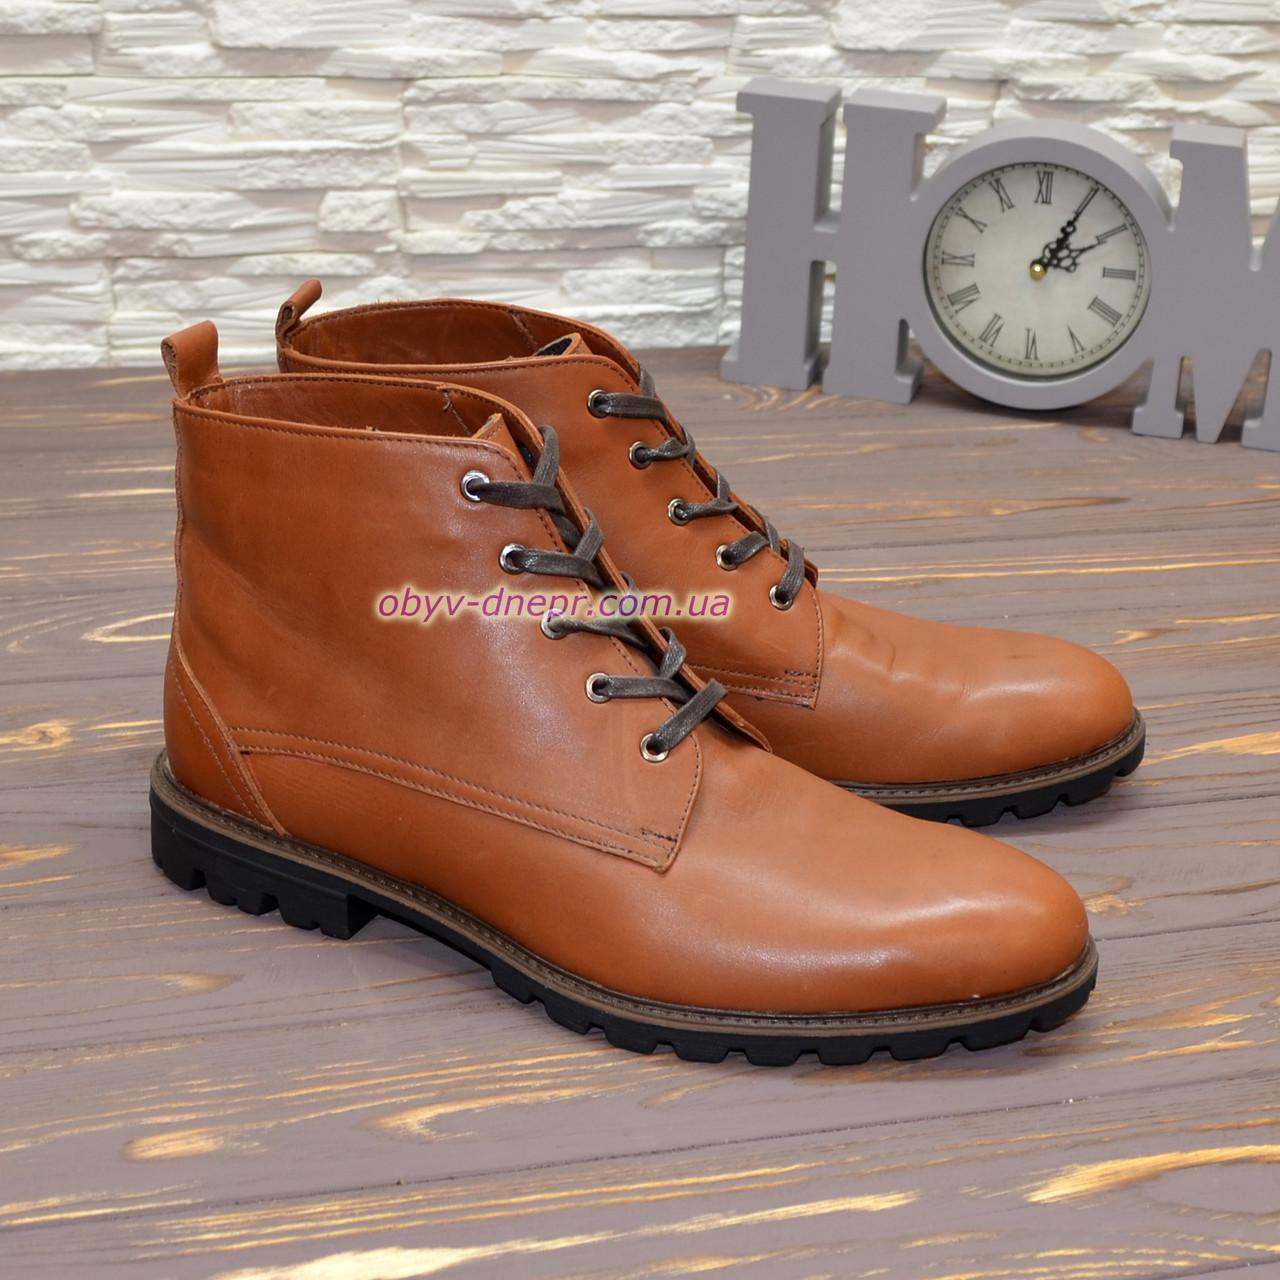 Ботинки мужские на шнурках, натуральная кожа рыжего цвета